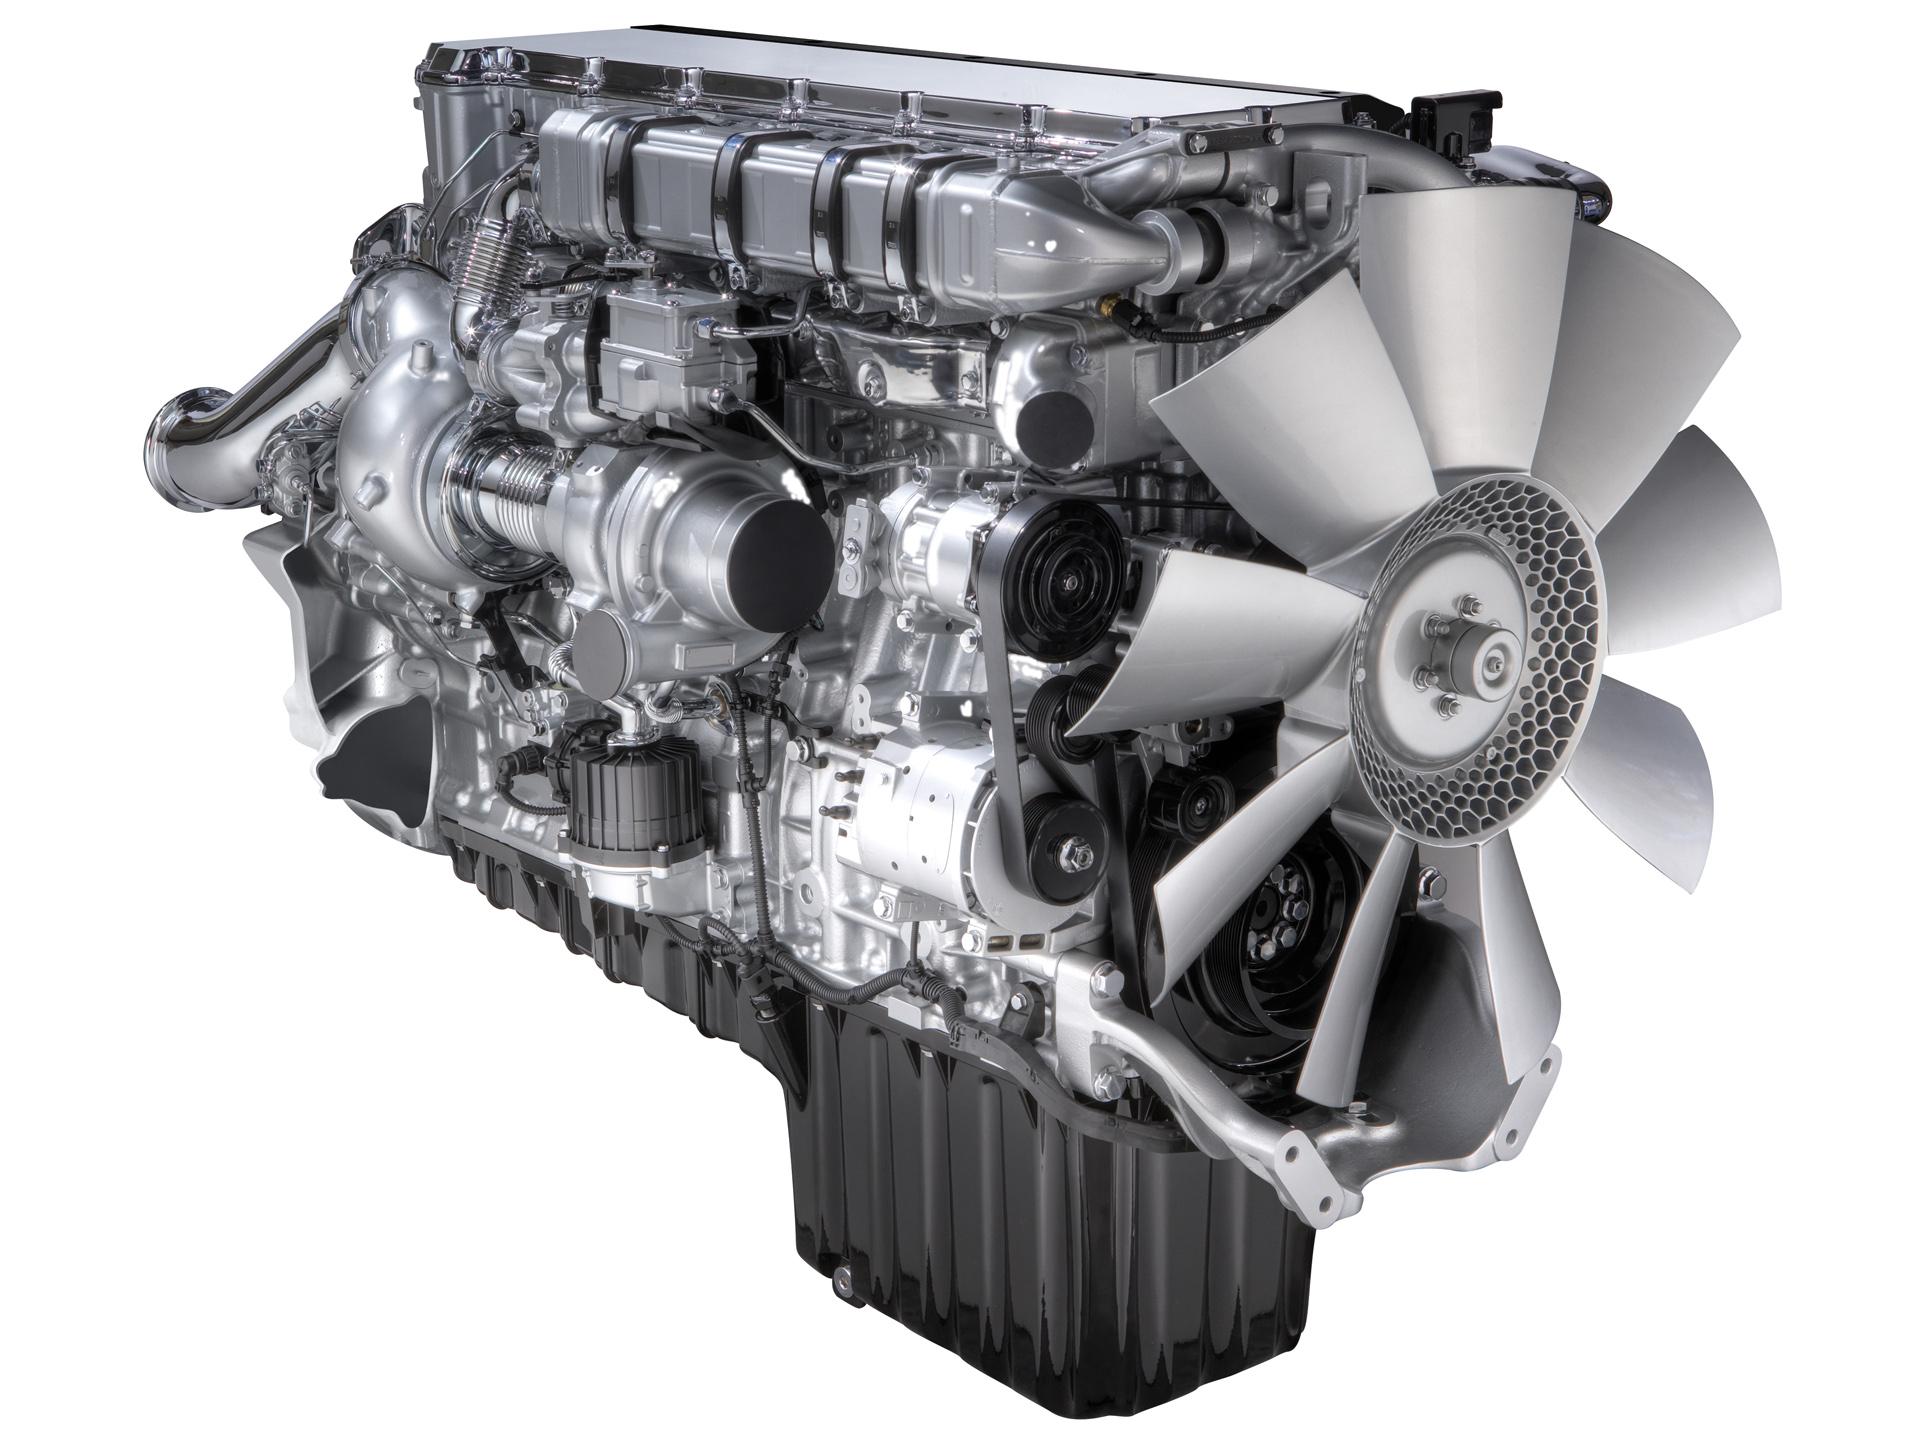 42+ Diesel Engine Wallpaper on WallpaperSafari